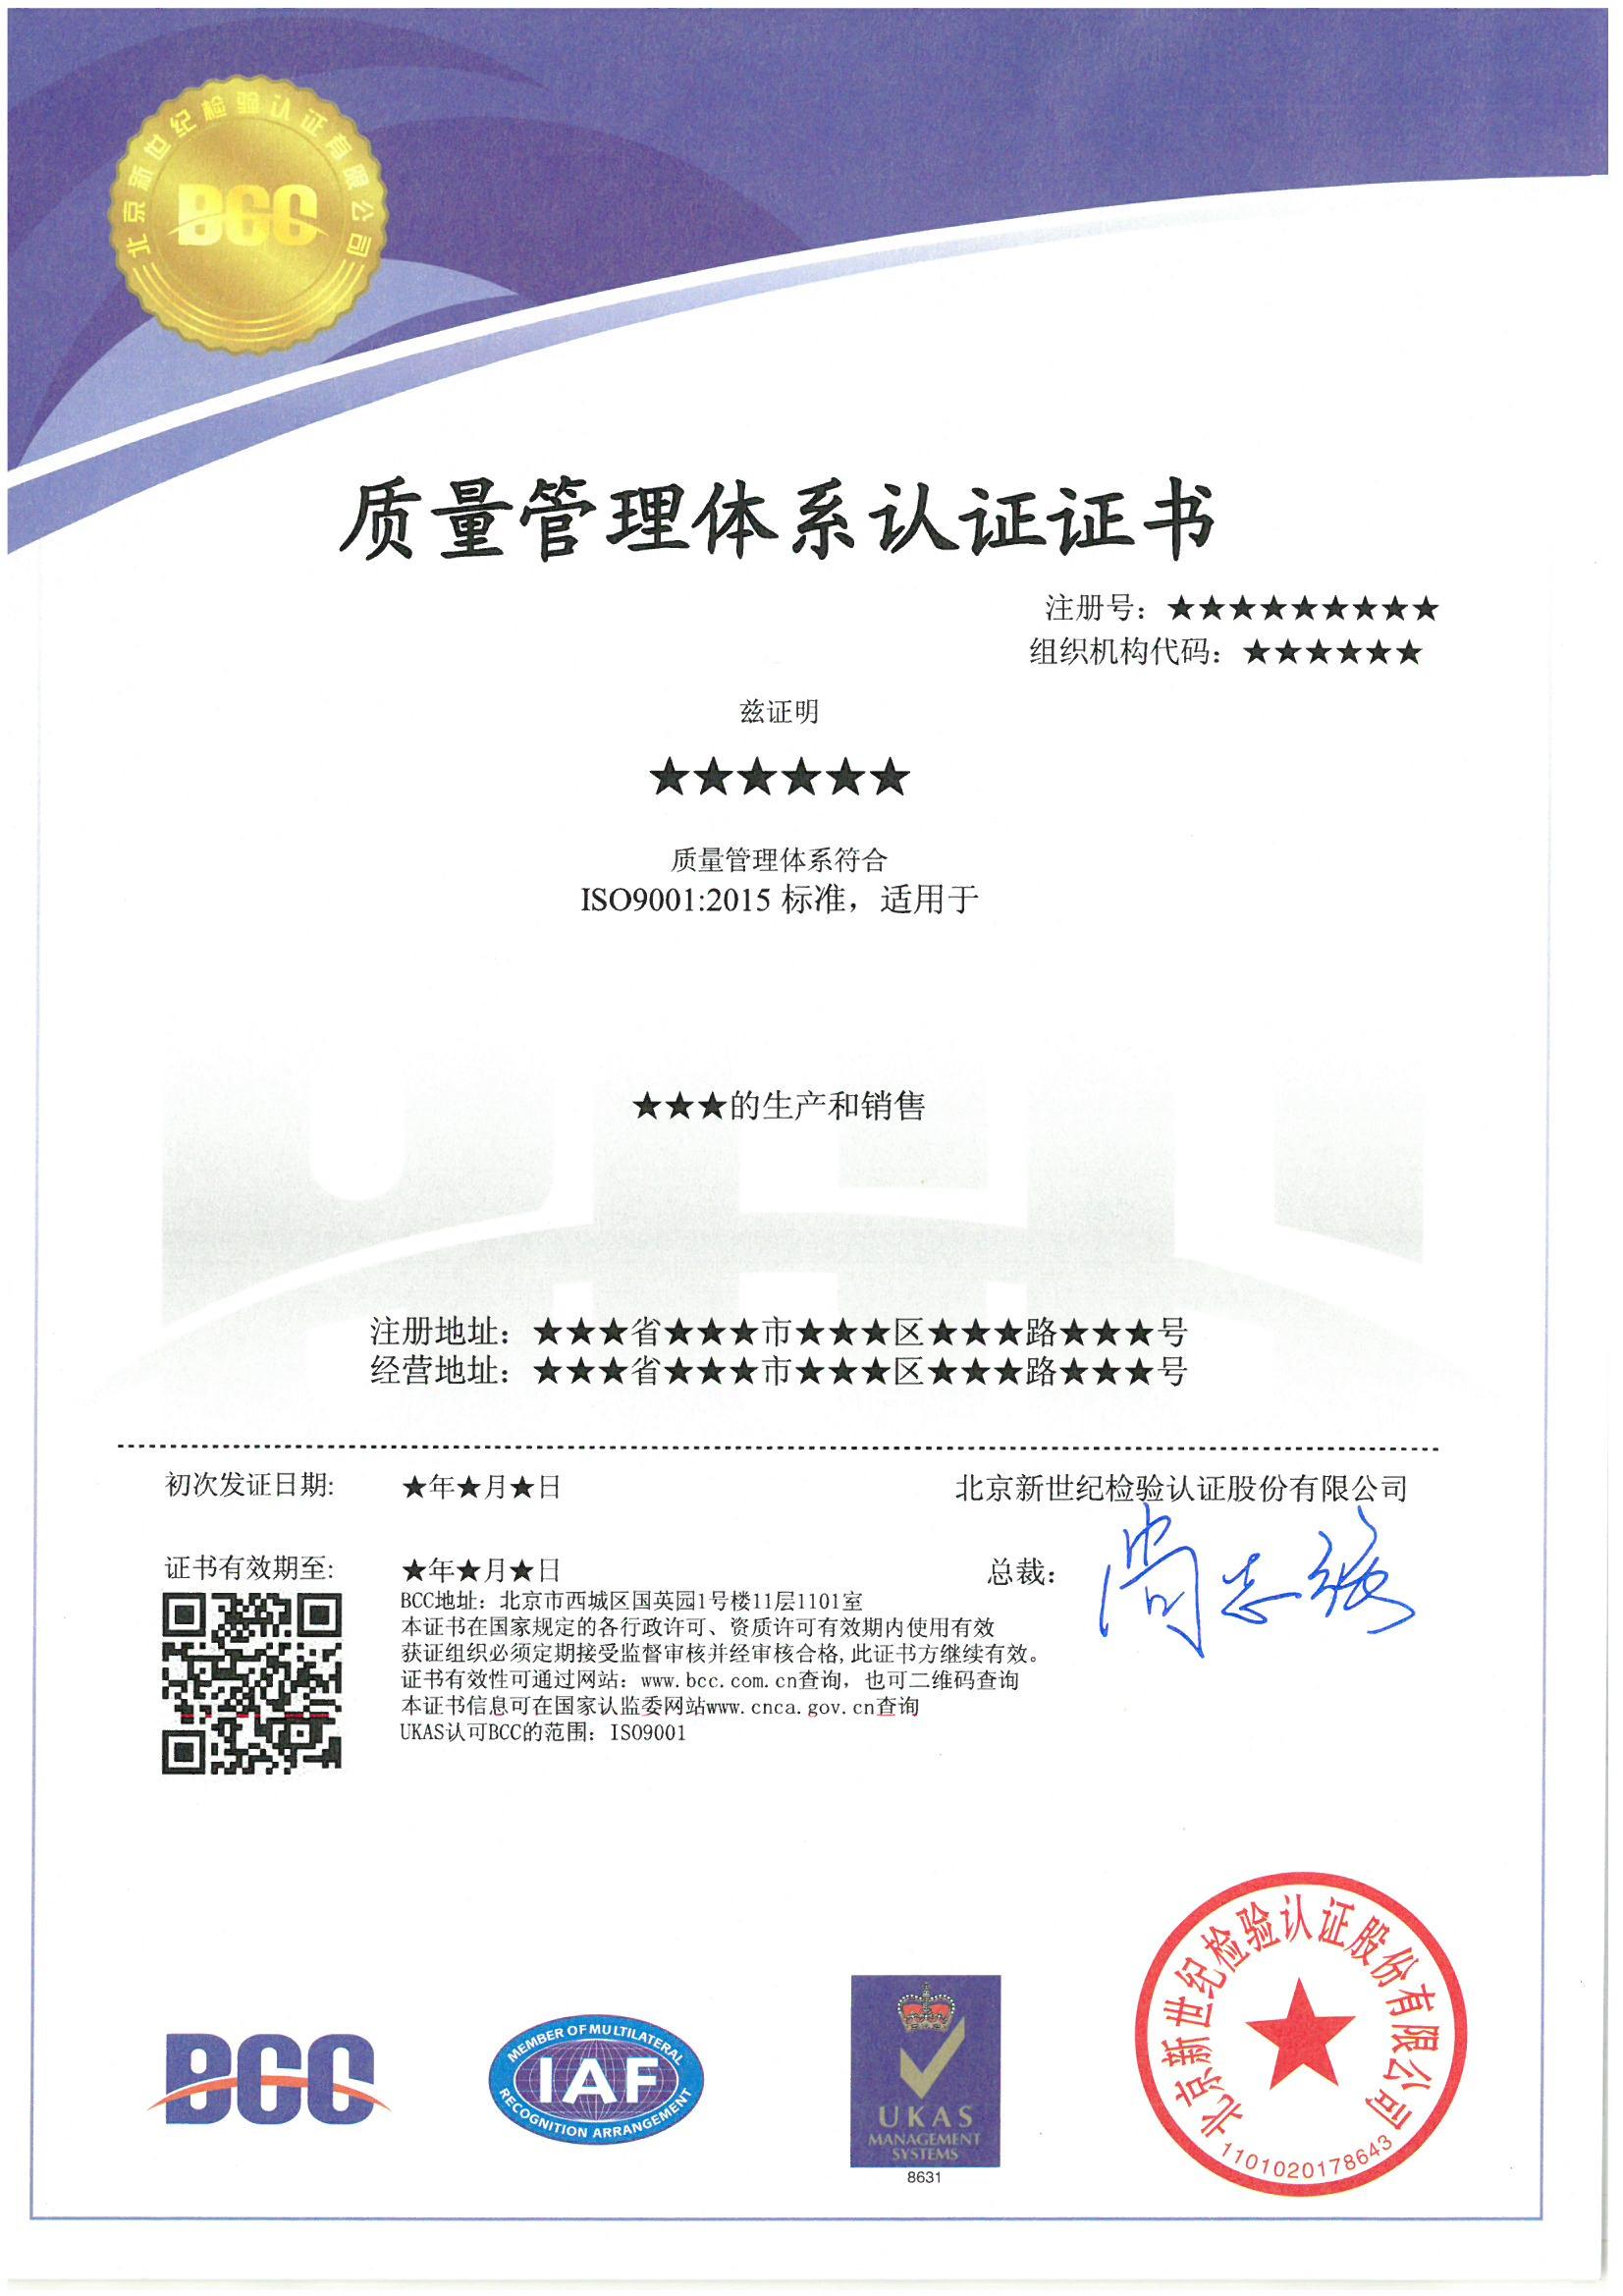 深圳ISO9001认证机构